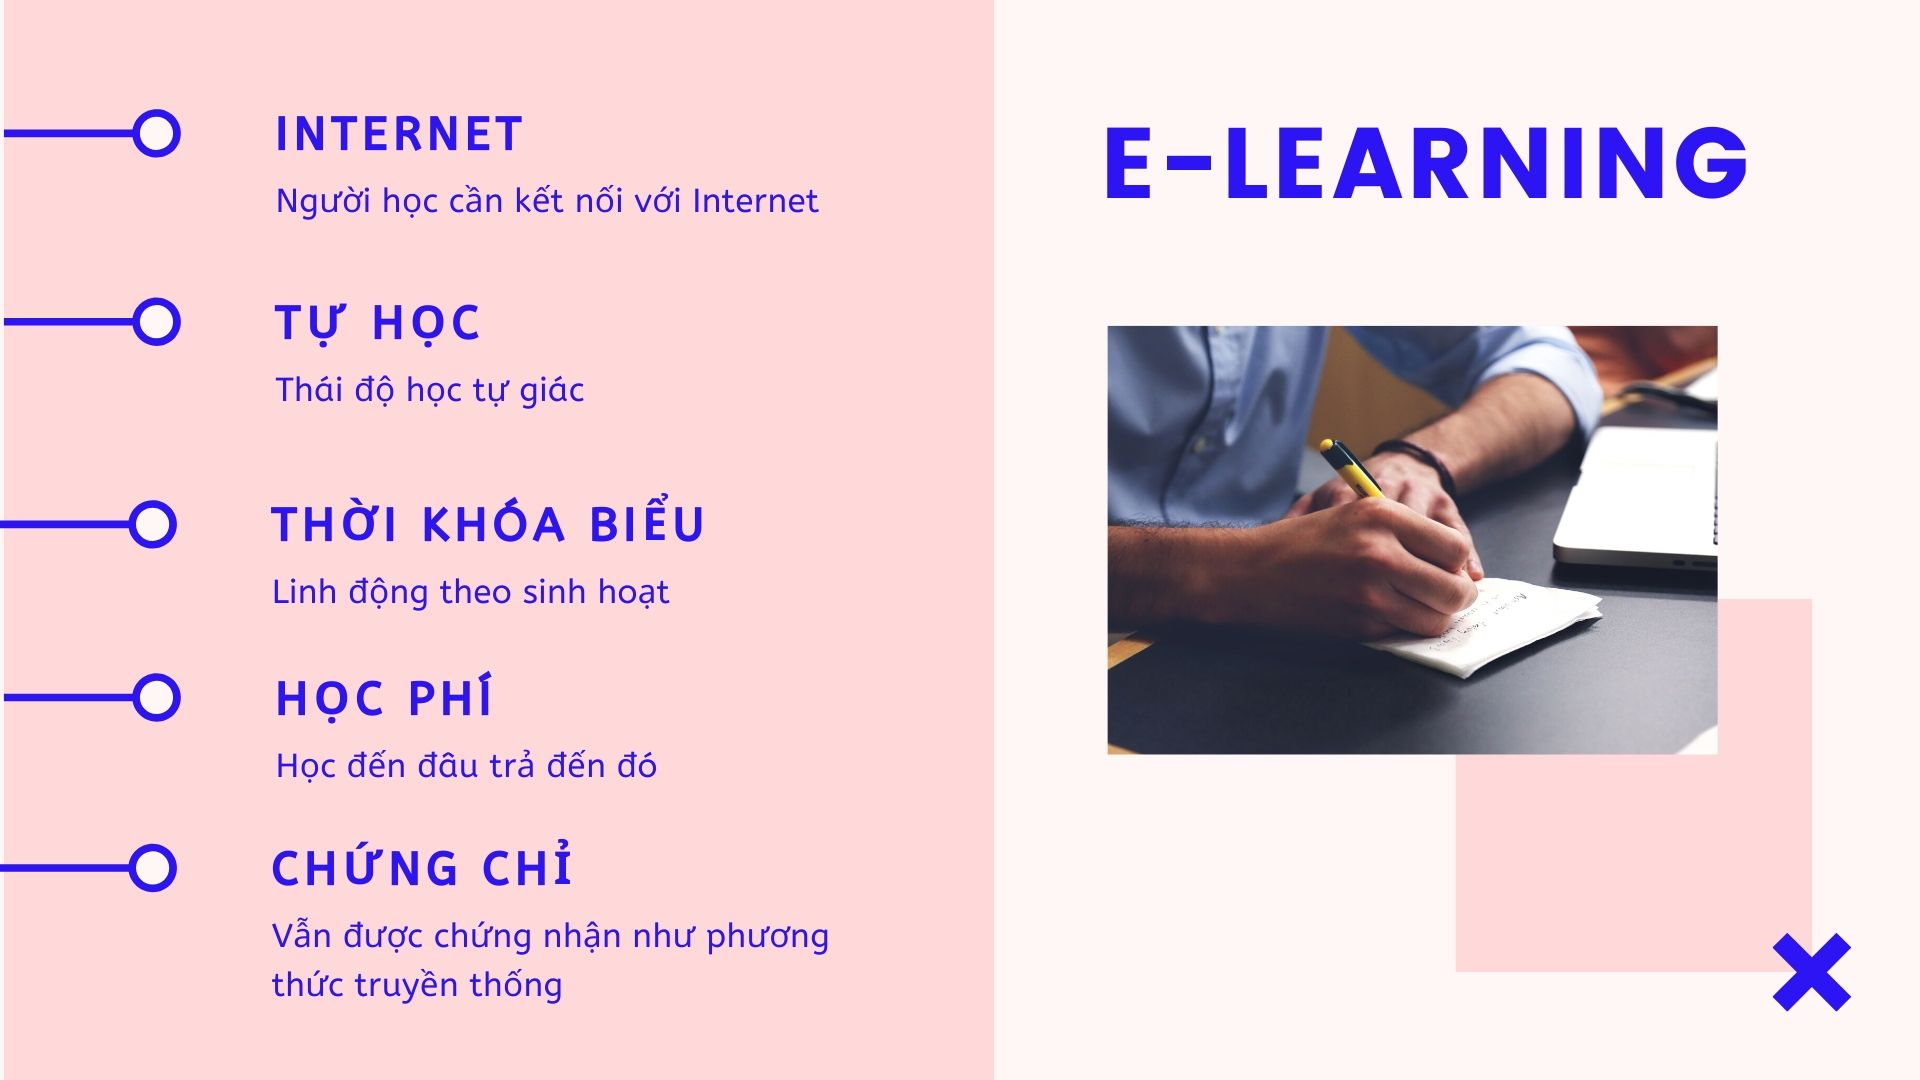 Học trực tuyến e-learning cần điều gì và mang lại gì cho người học